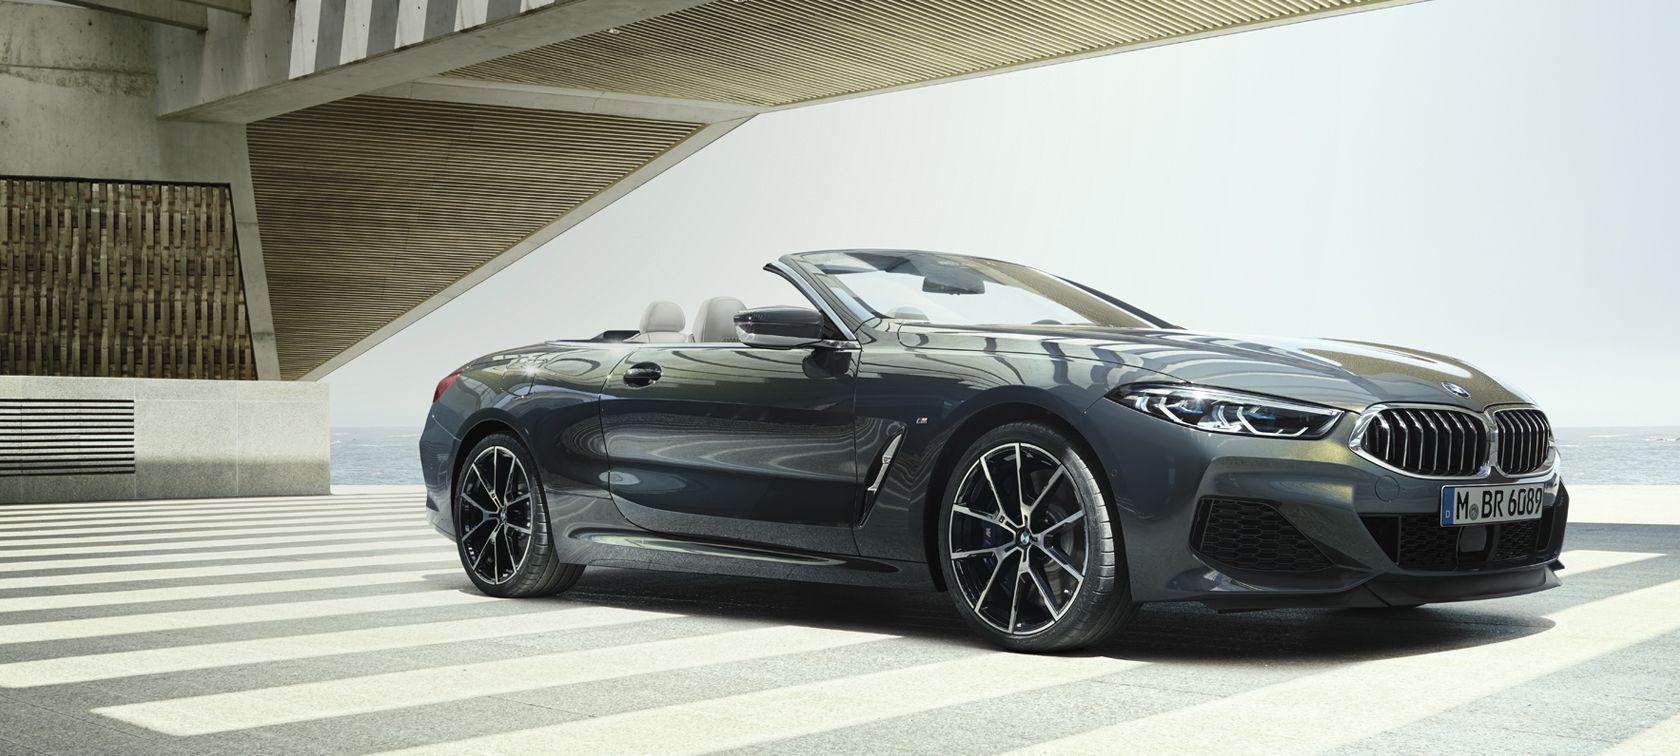 Das Bmw 8er Cabriolet Ist Der Pionier Neuer Freiheit Ein Exklusiver